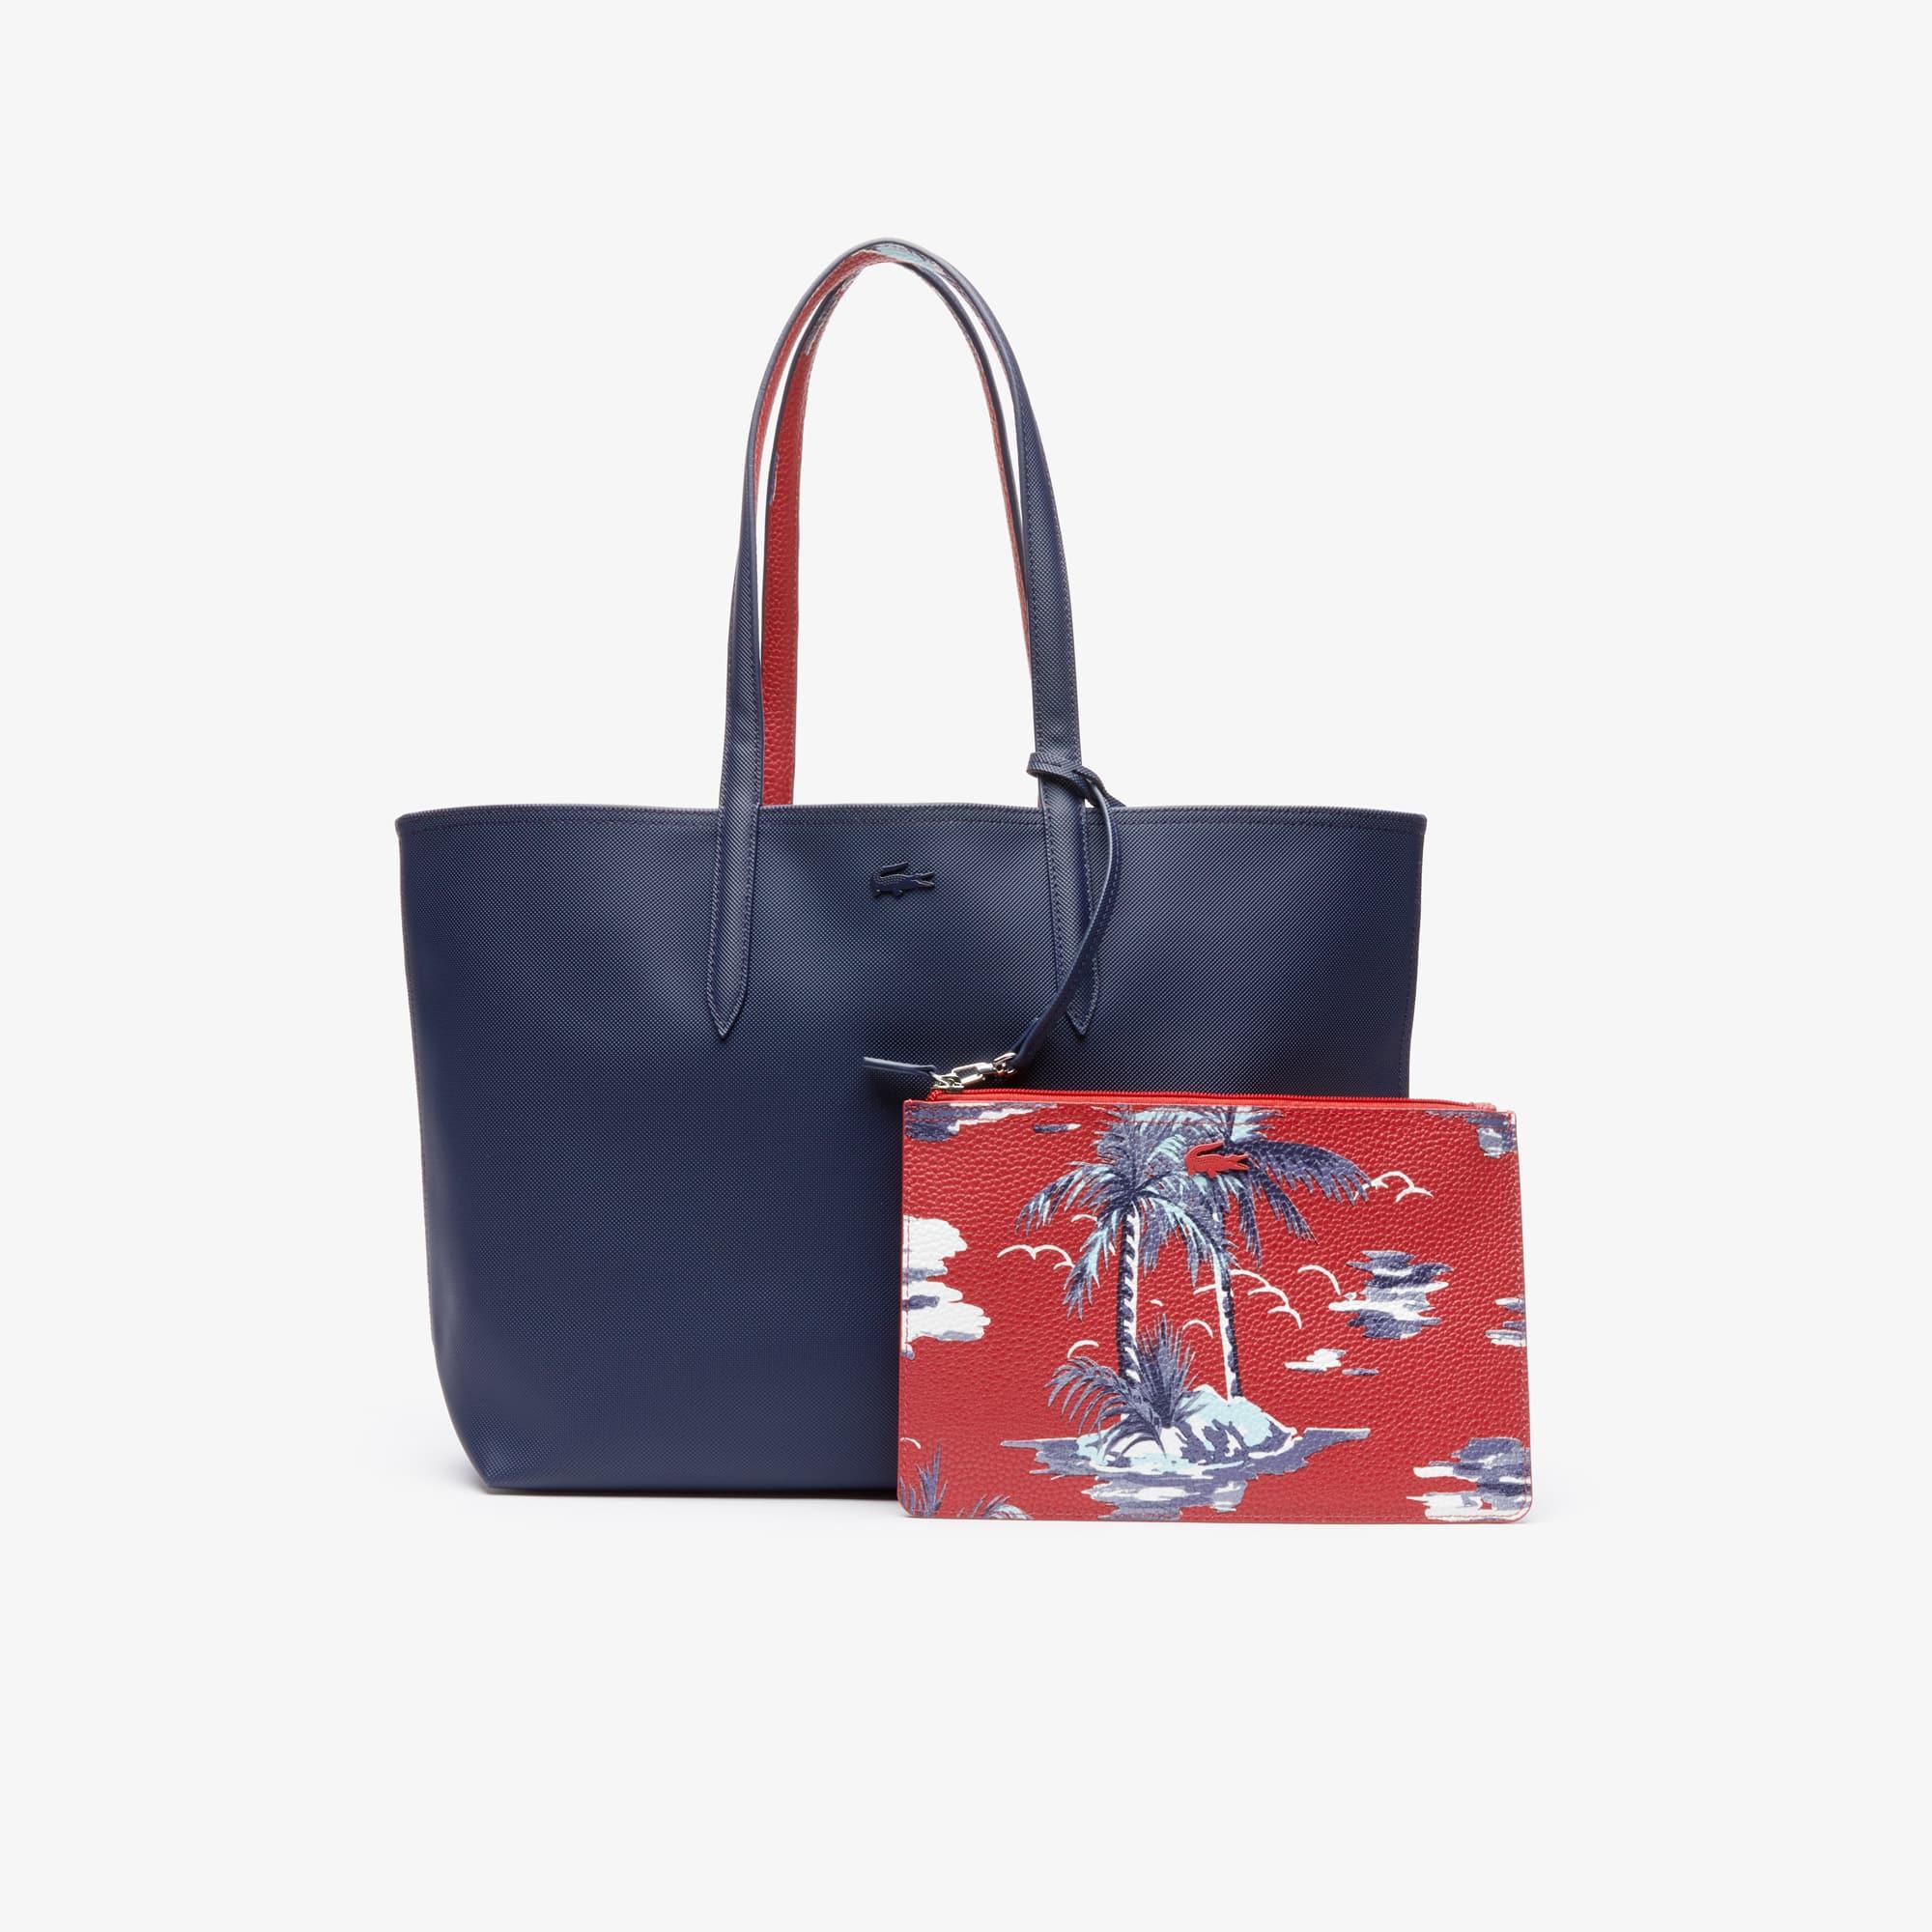 ec7881fa68b4 Women s Anna Reversible Tote Bag